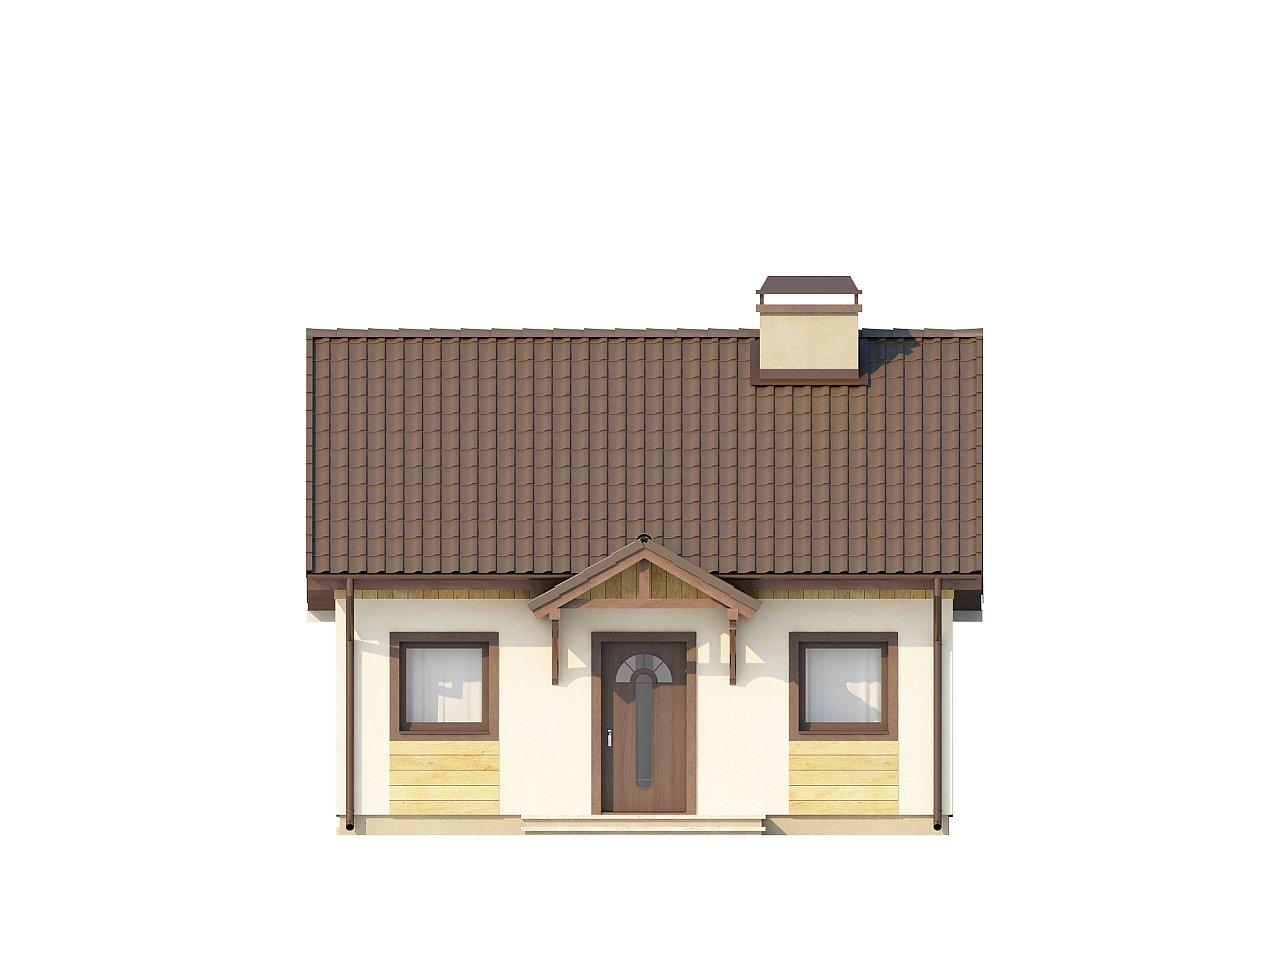 Выгодный в строительстве и эксплуатации маленький одноэтажный дом с крытой террасой. 11